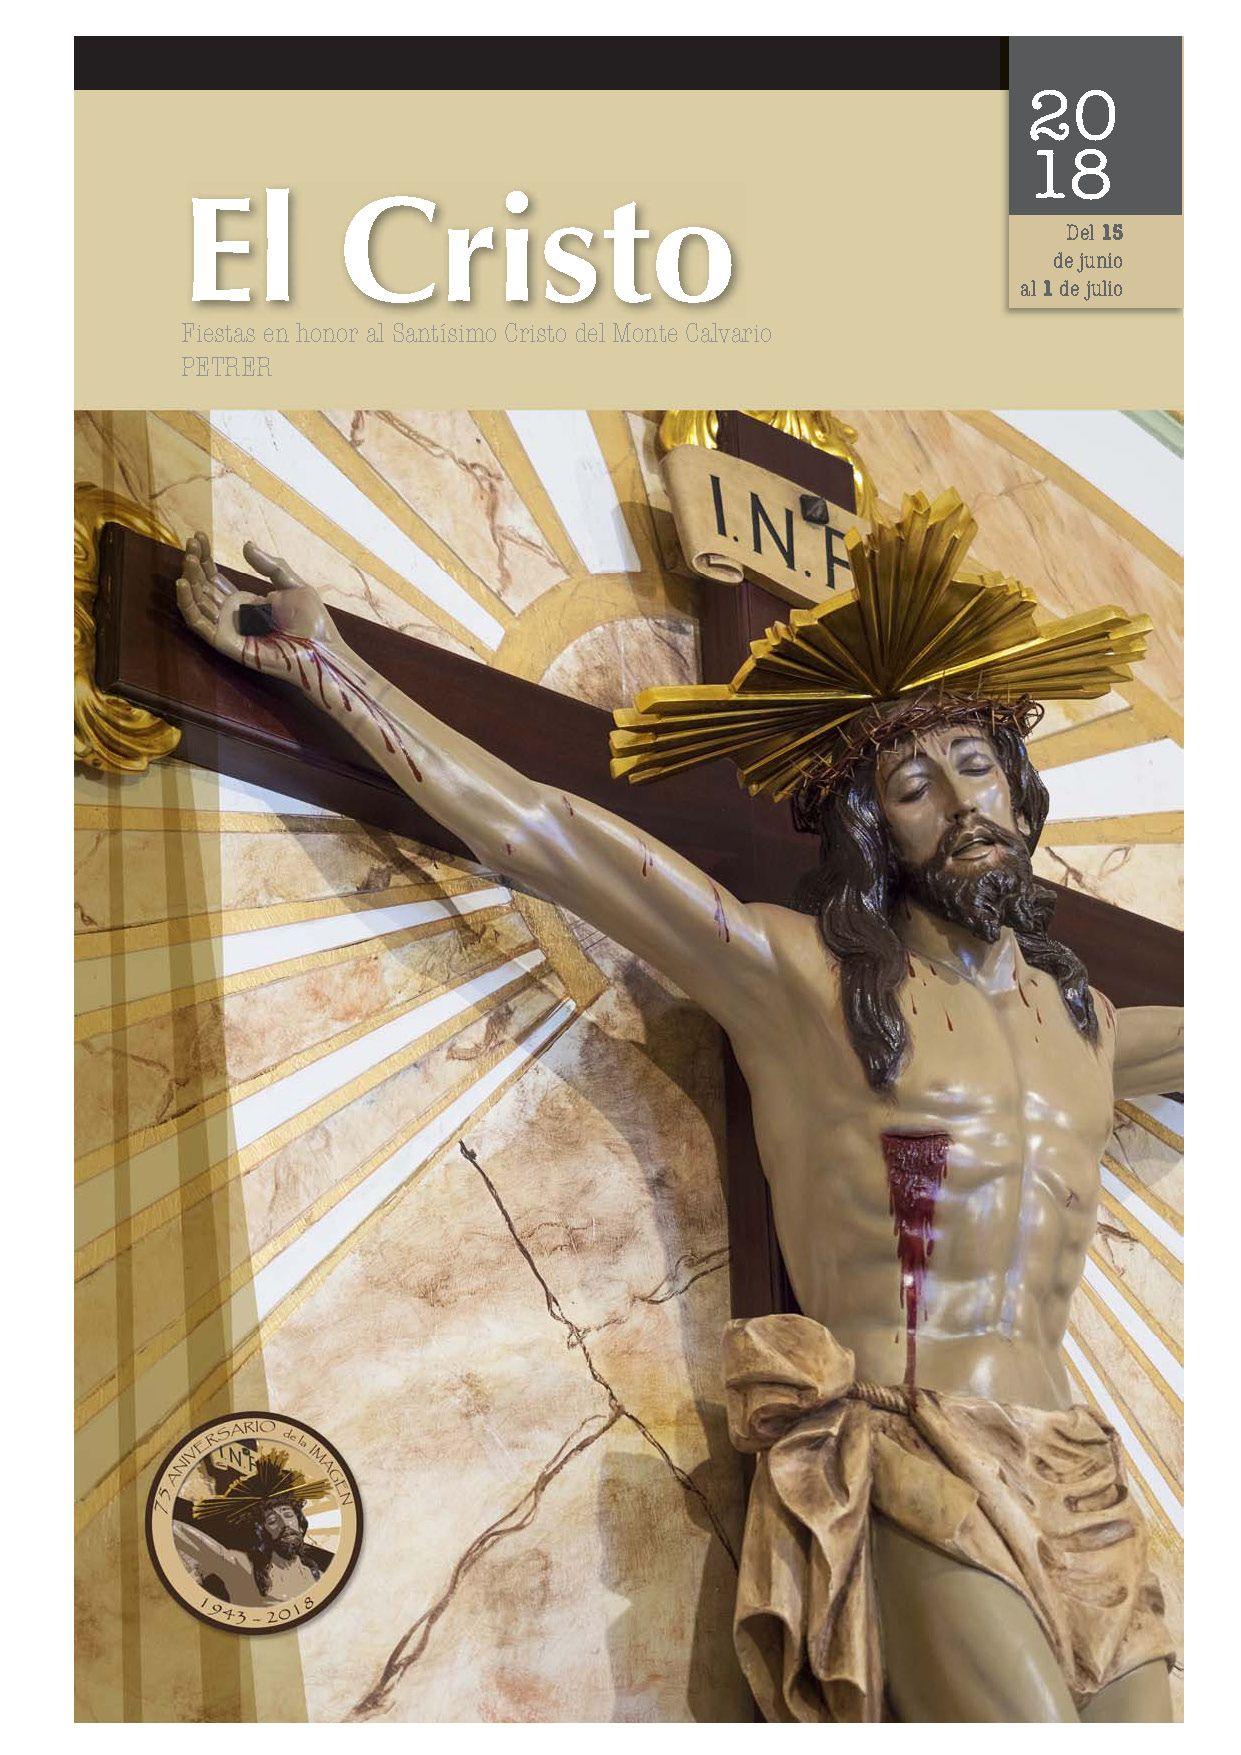 ElCristo - Revista - Portada Año 2017